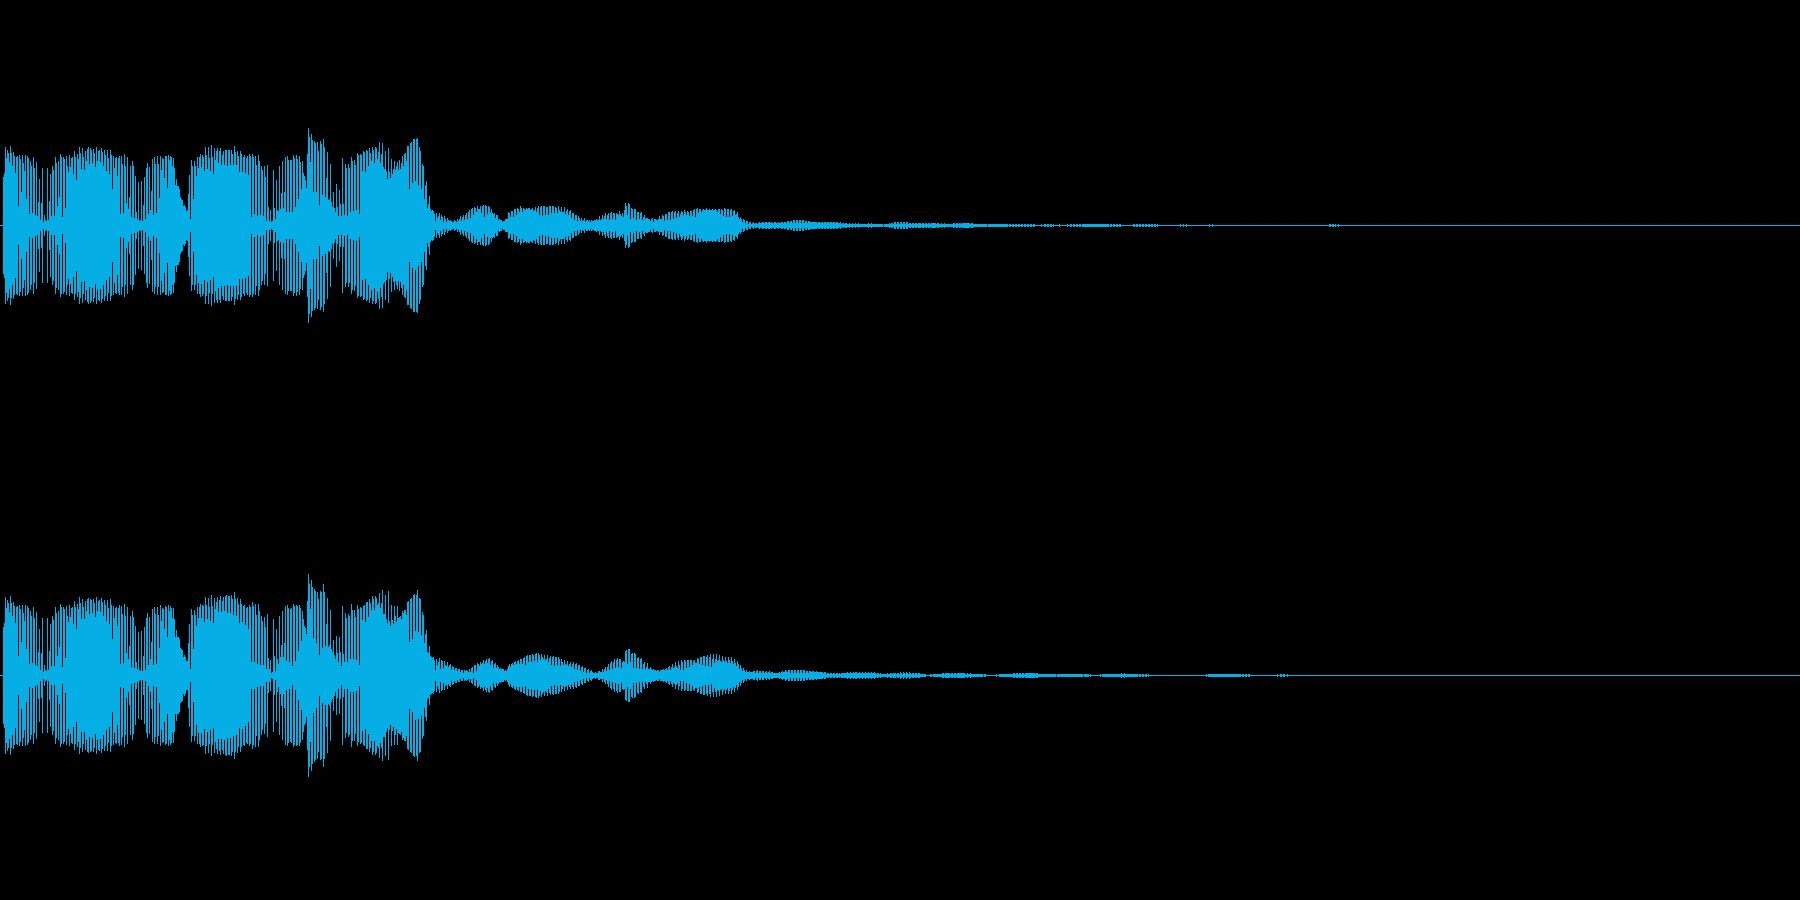 ブブー(ゲーム・アプリのエラー音)の再生済みの波形